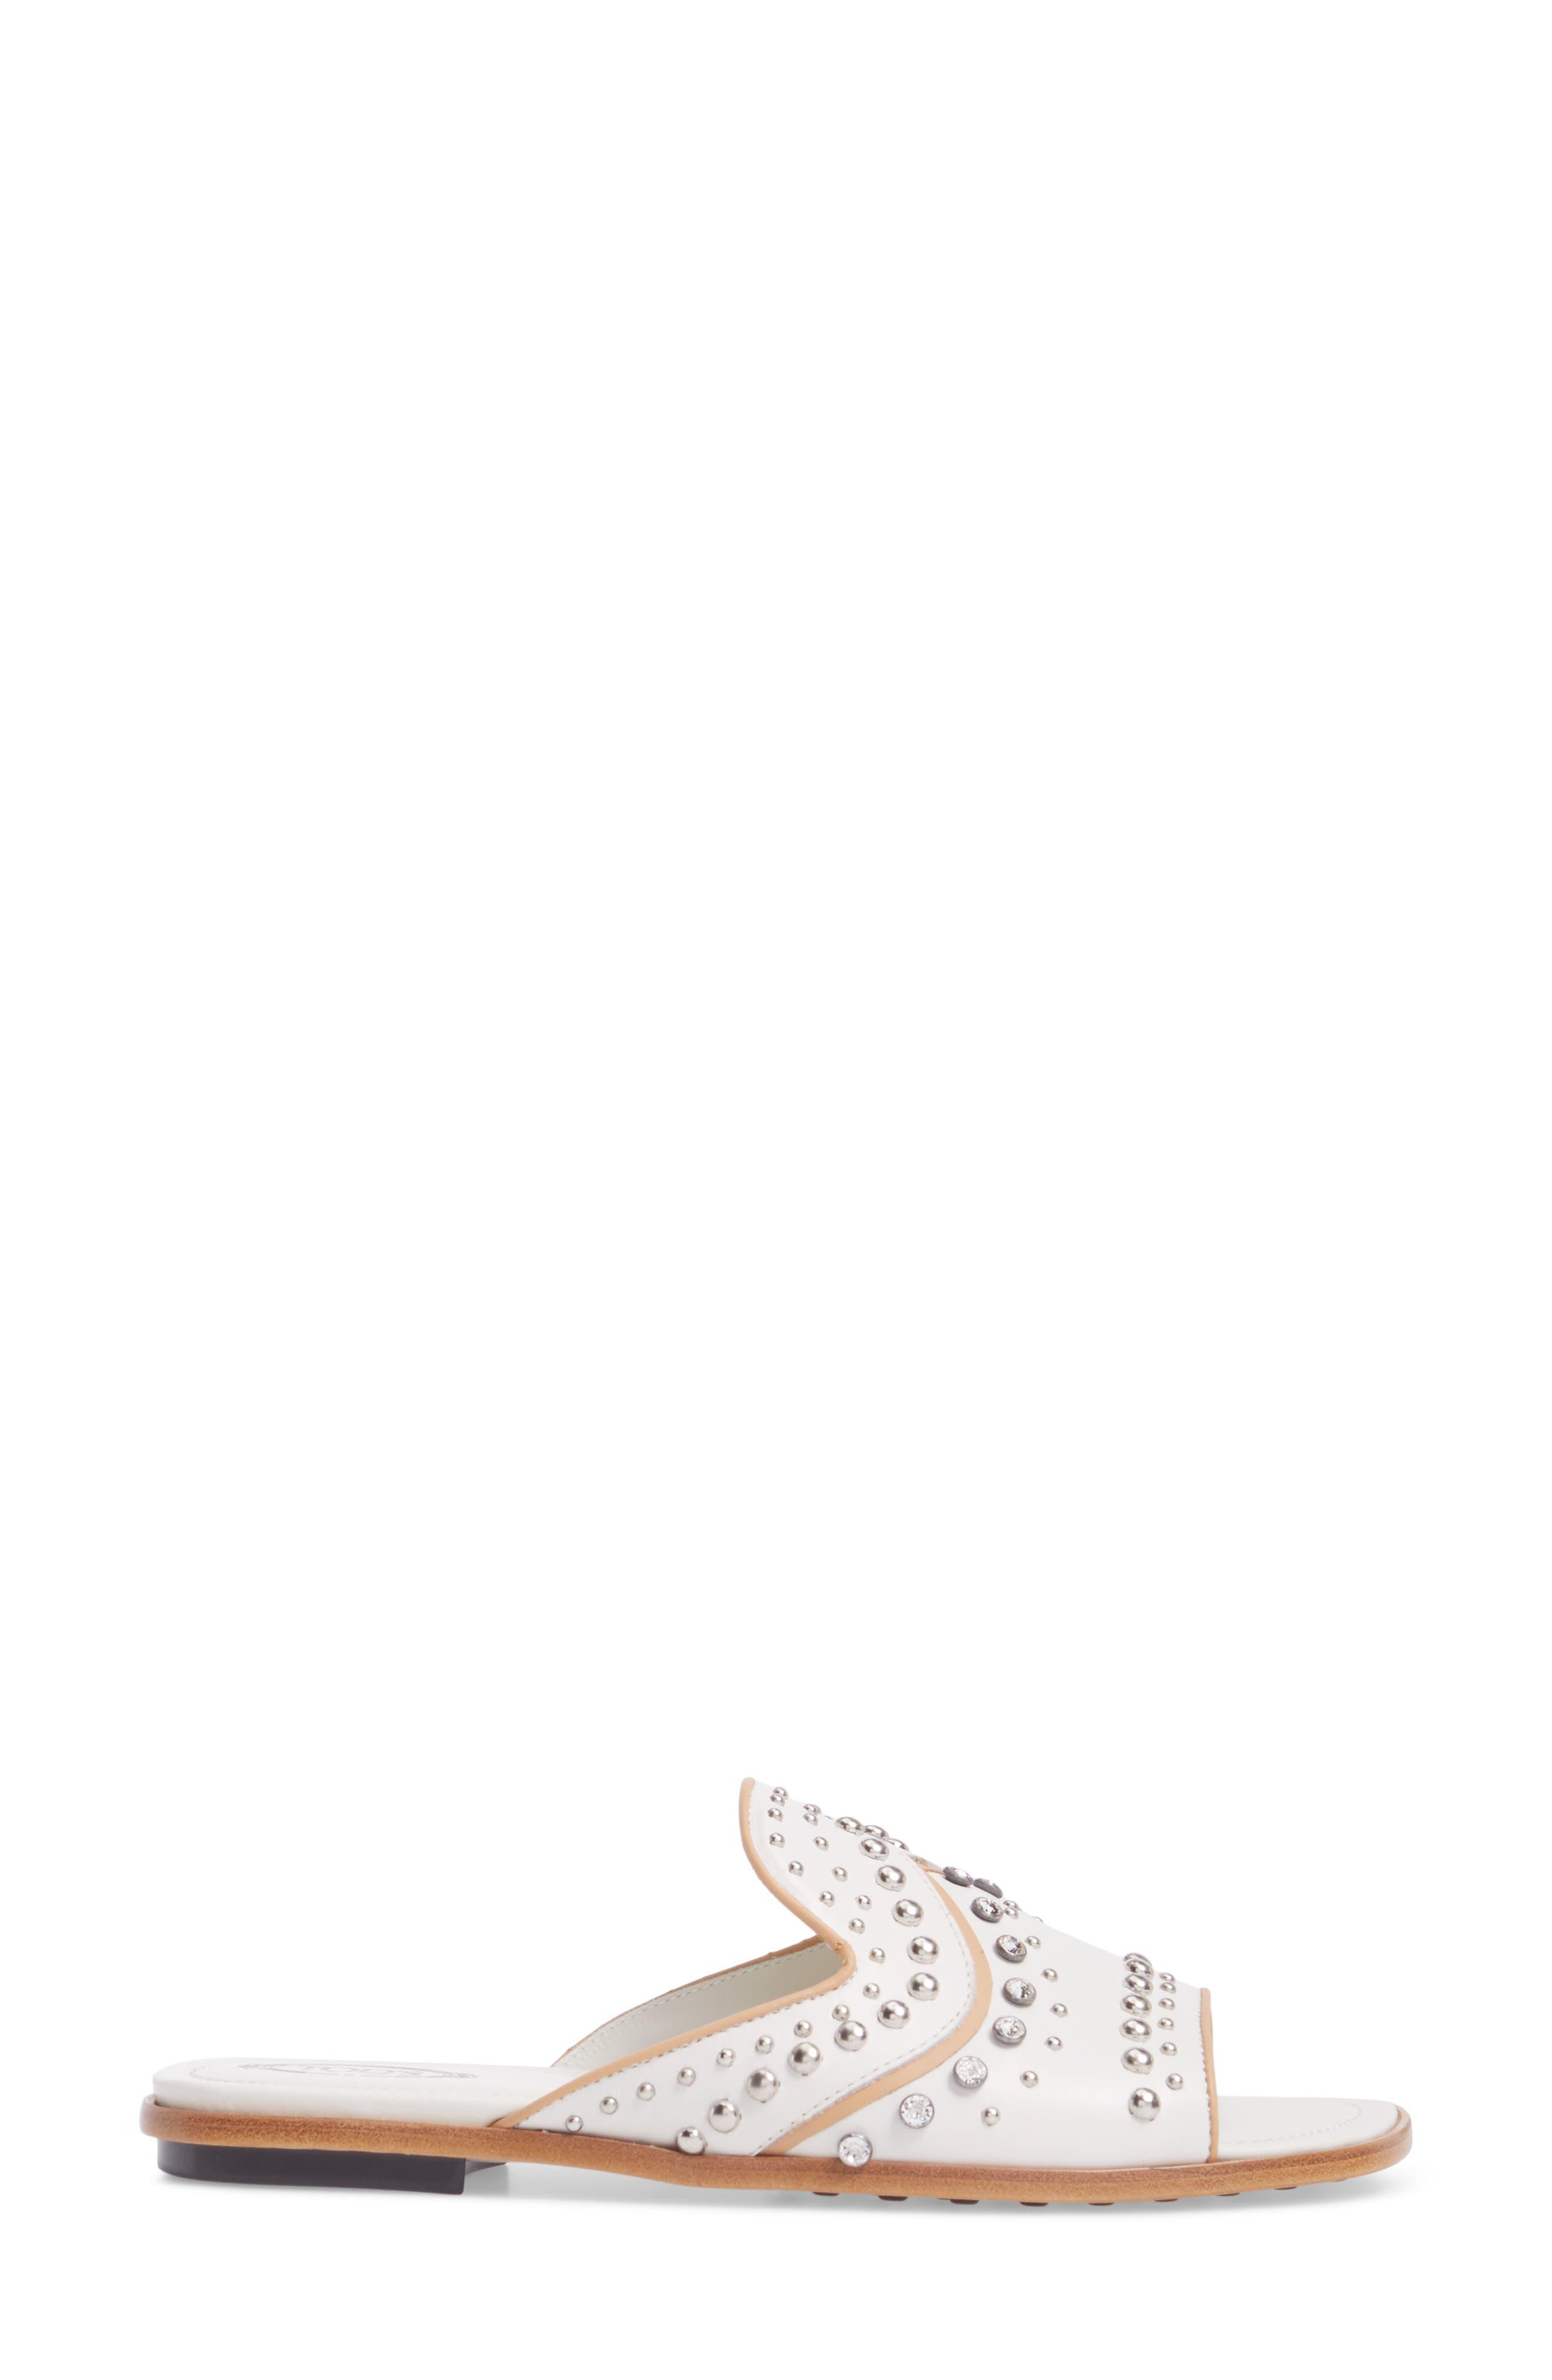 TOD'S,                             Crystal Embellished Loafer Mule,                             Alternate thumbnail 3, color,                             100